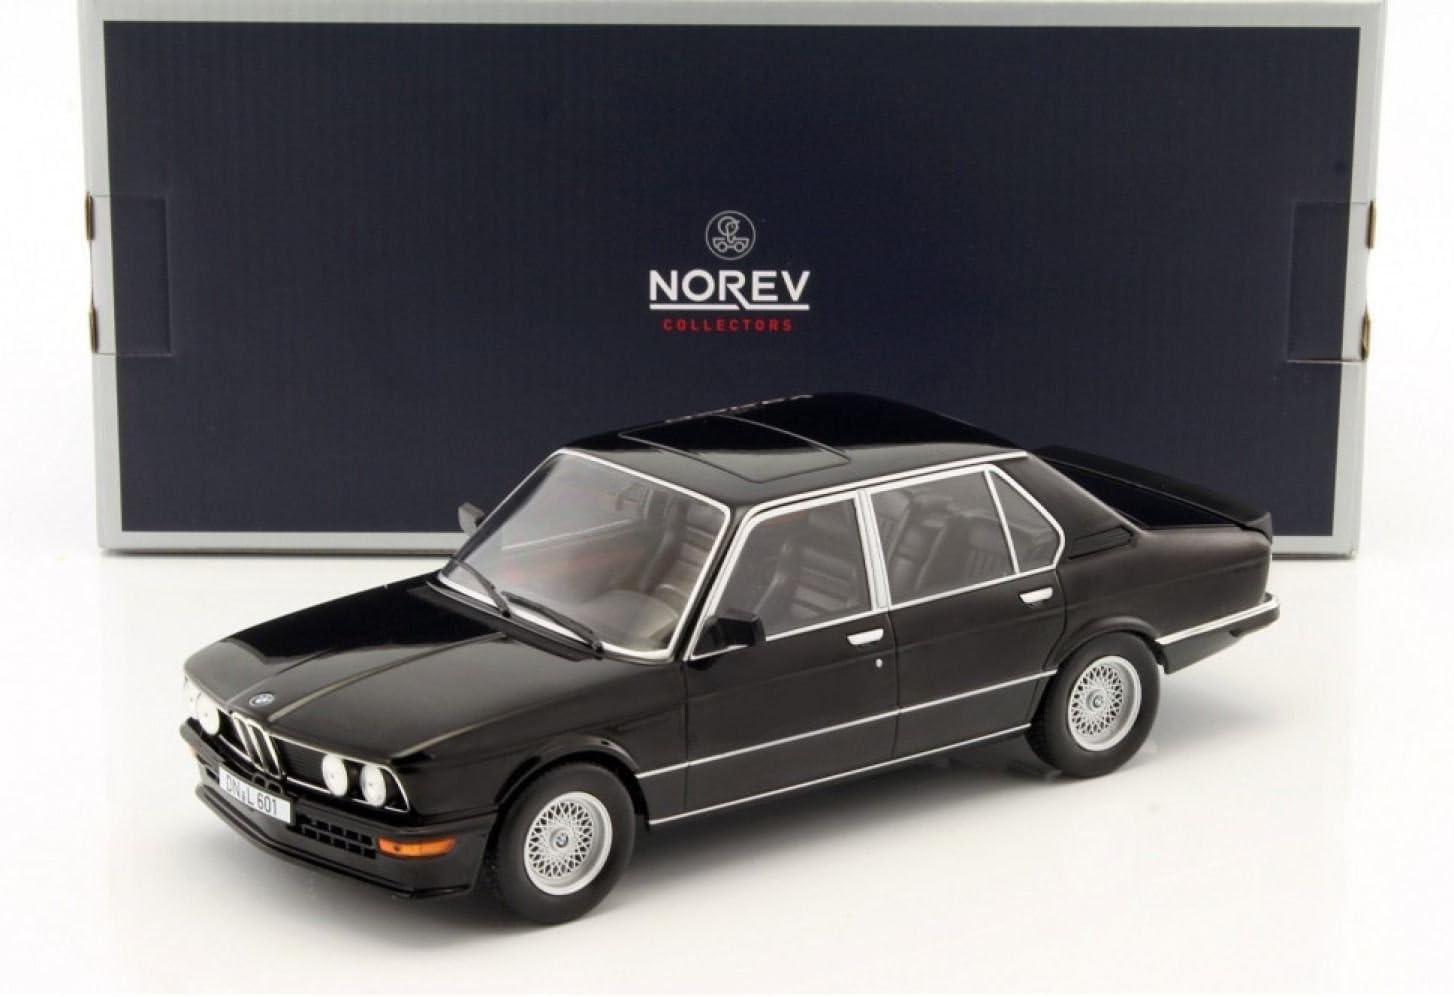 Norev 1:18 1980 BMW M535i Diecast Model Car Black 183264